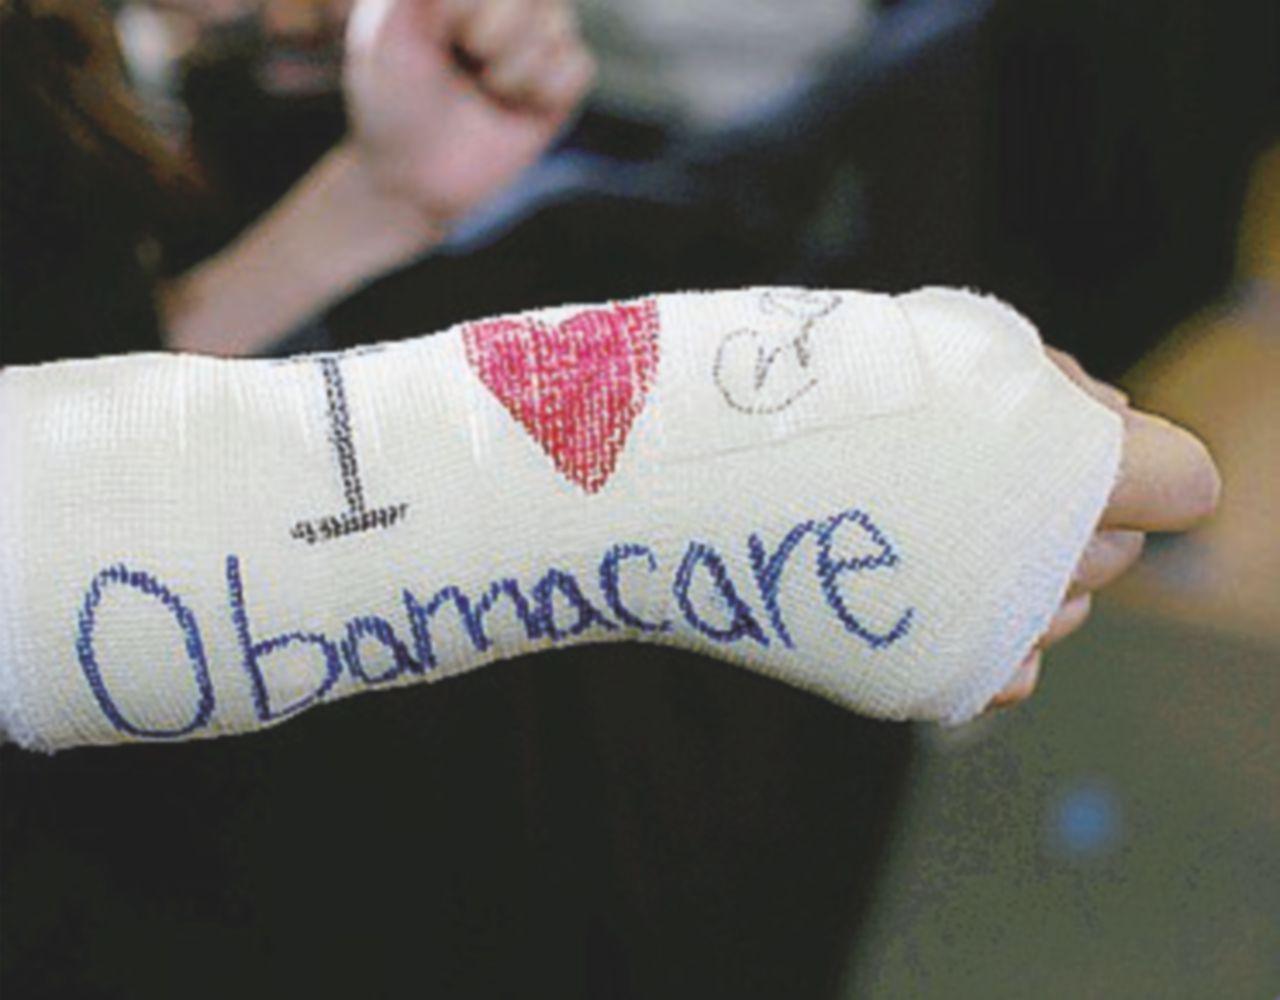 L'Obamacare nel mirino di mezzo Paese. La sanità per tutti è divenuta un boomerang